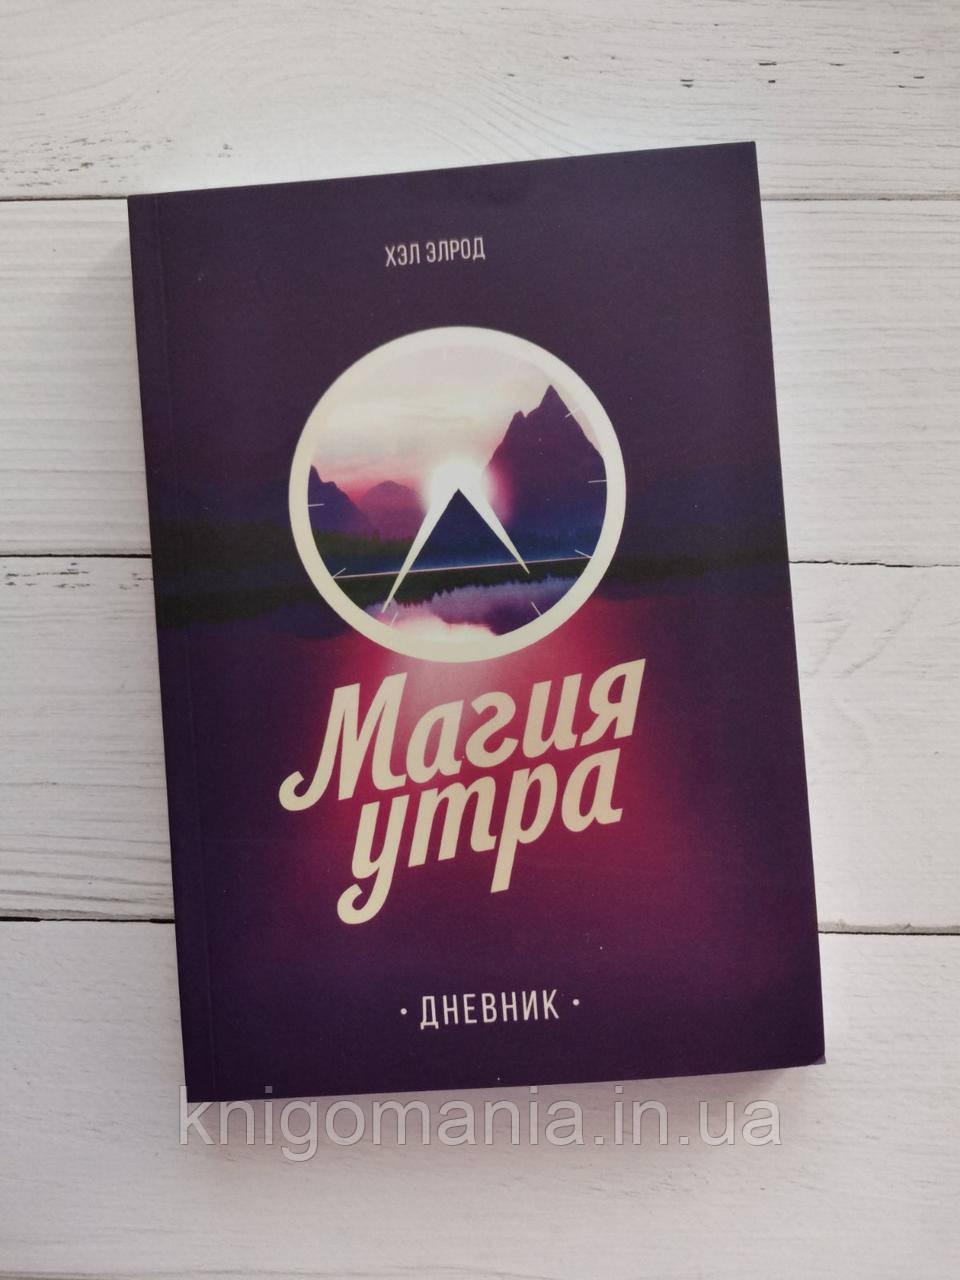 """Книга """"Магия утра. Дневник"""" Хэл Элрод"""